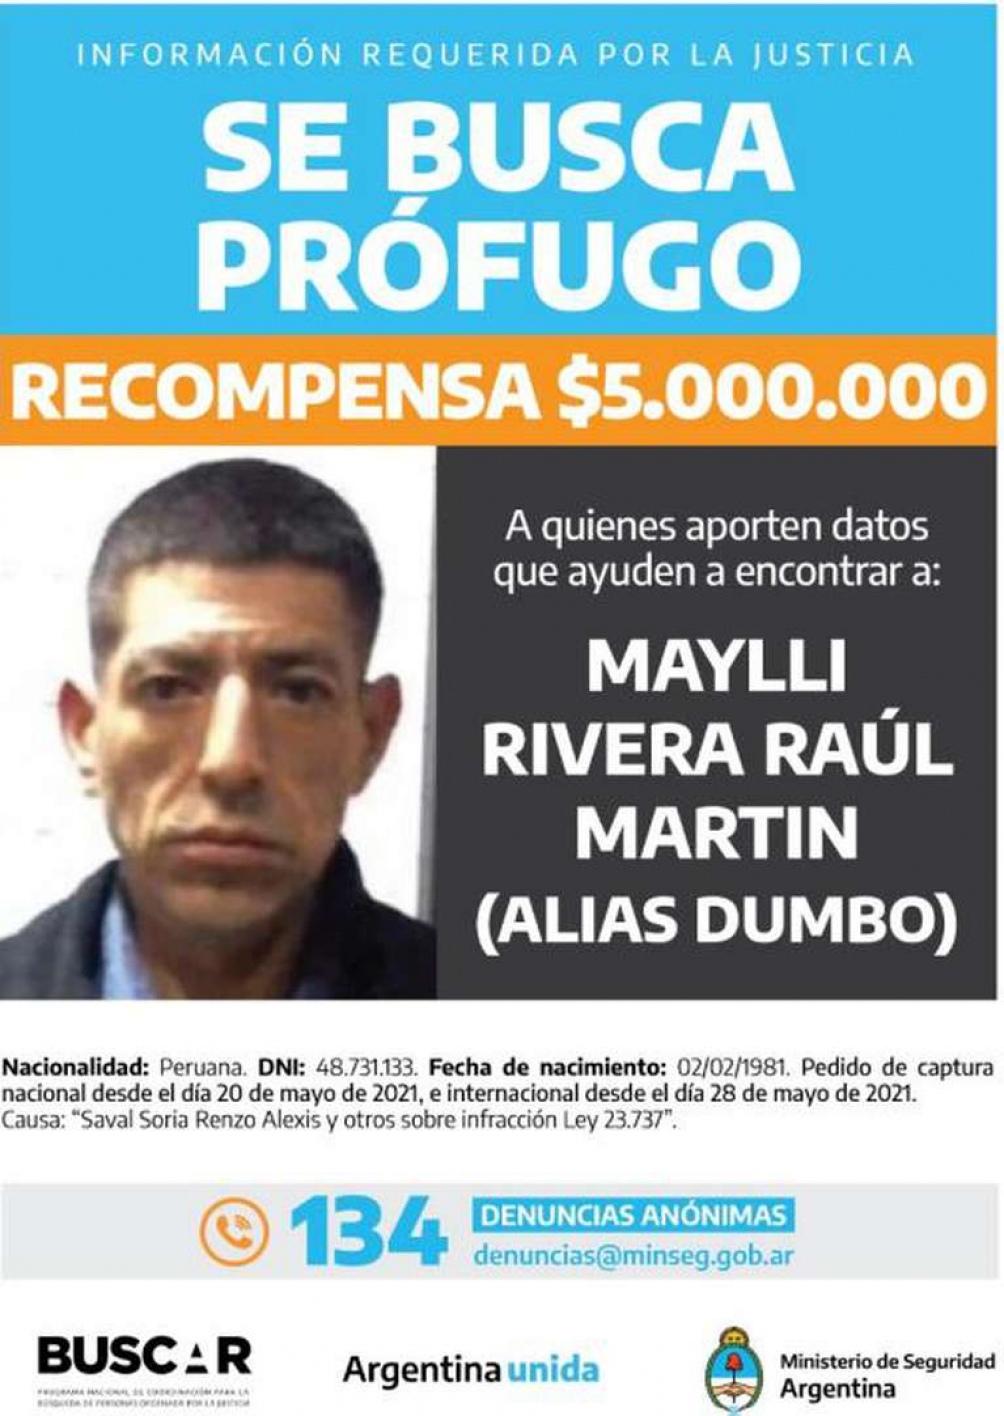 """Decenas de llamados de personas que dicen haber visto a Raúl Martín Maylli Rivera, alias """"Dumbo""""."""